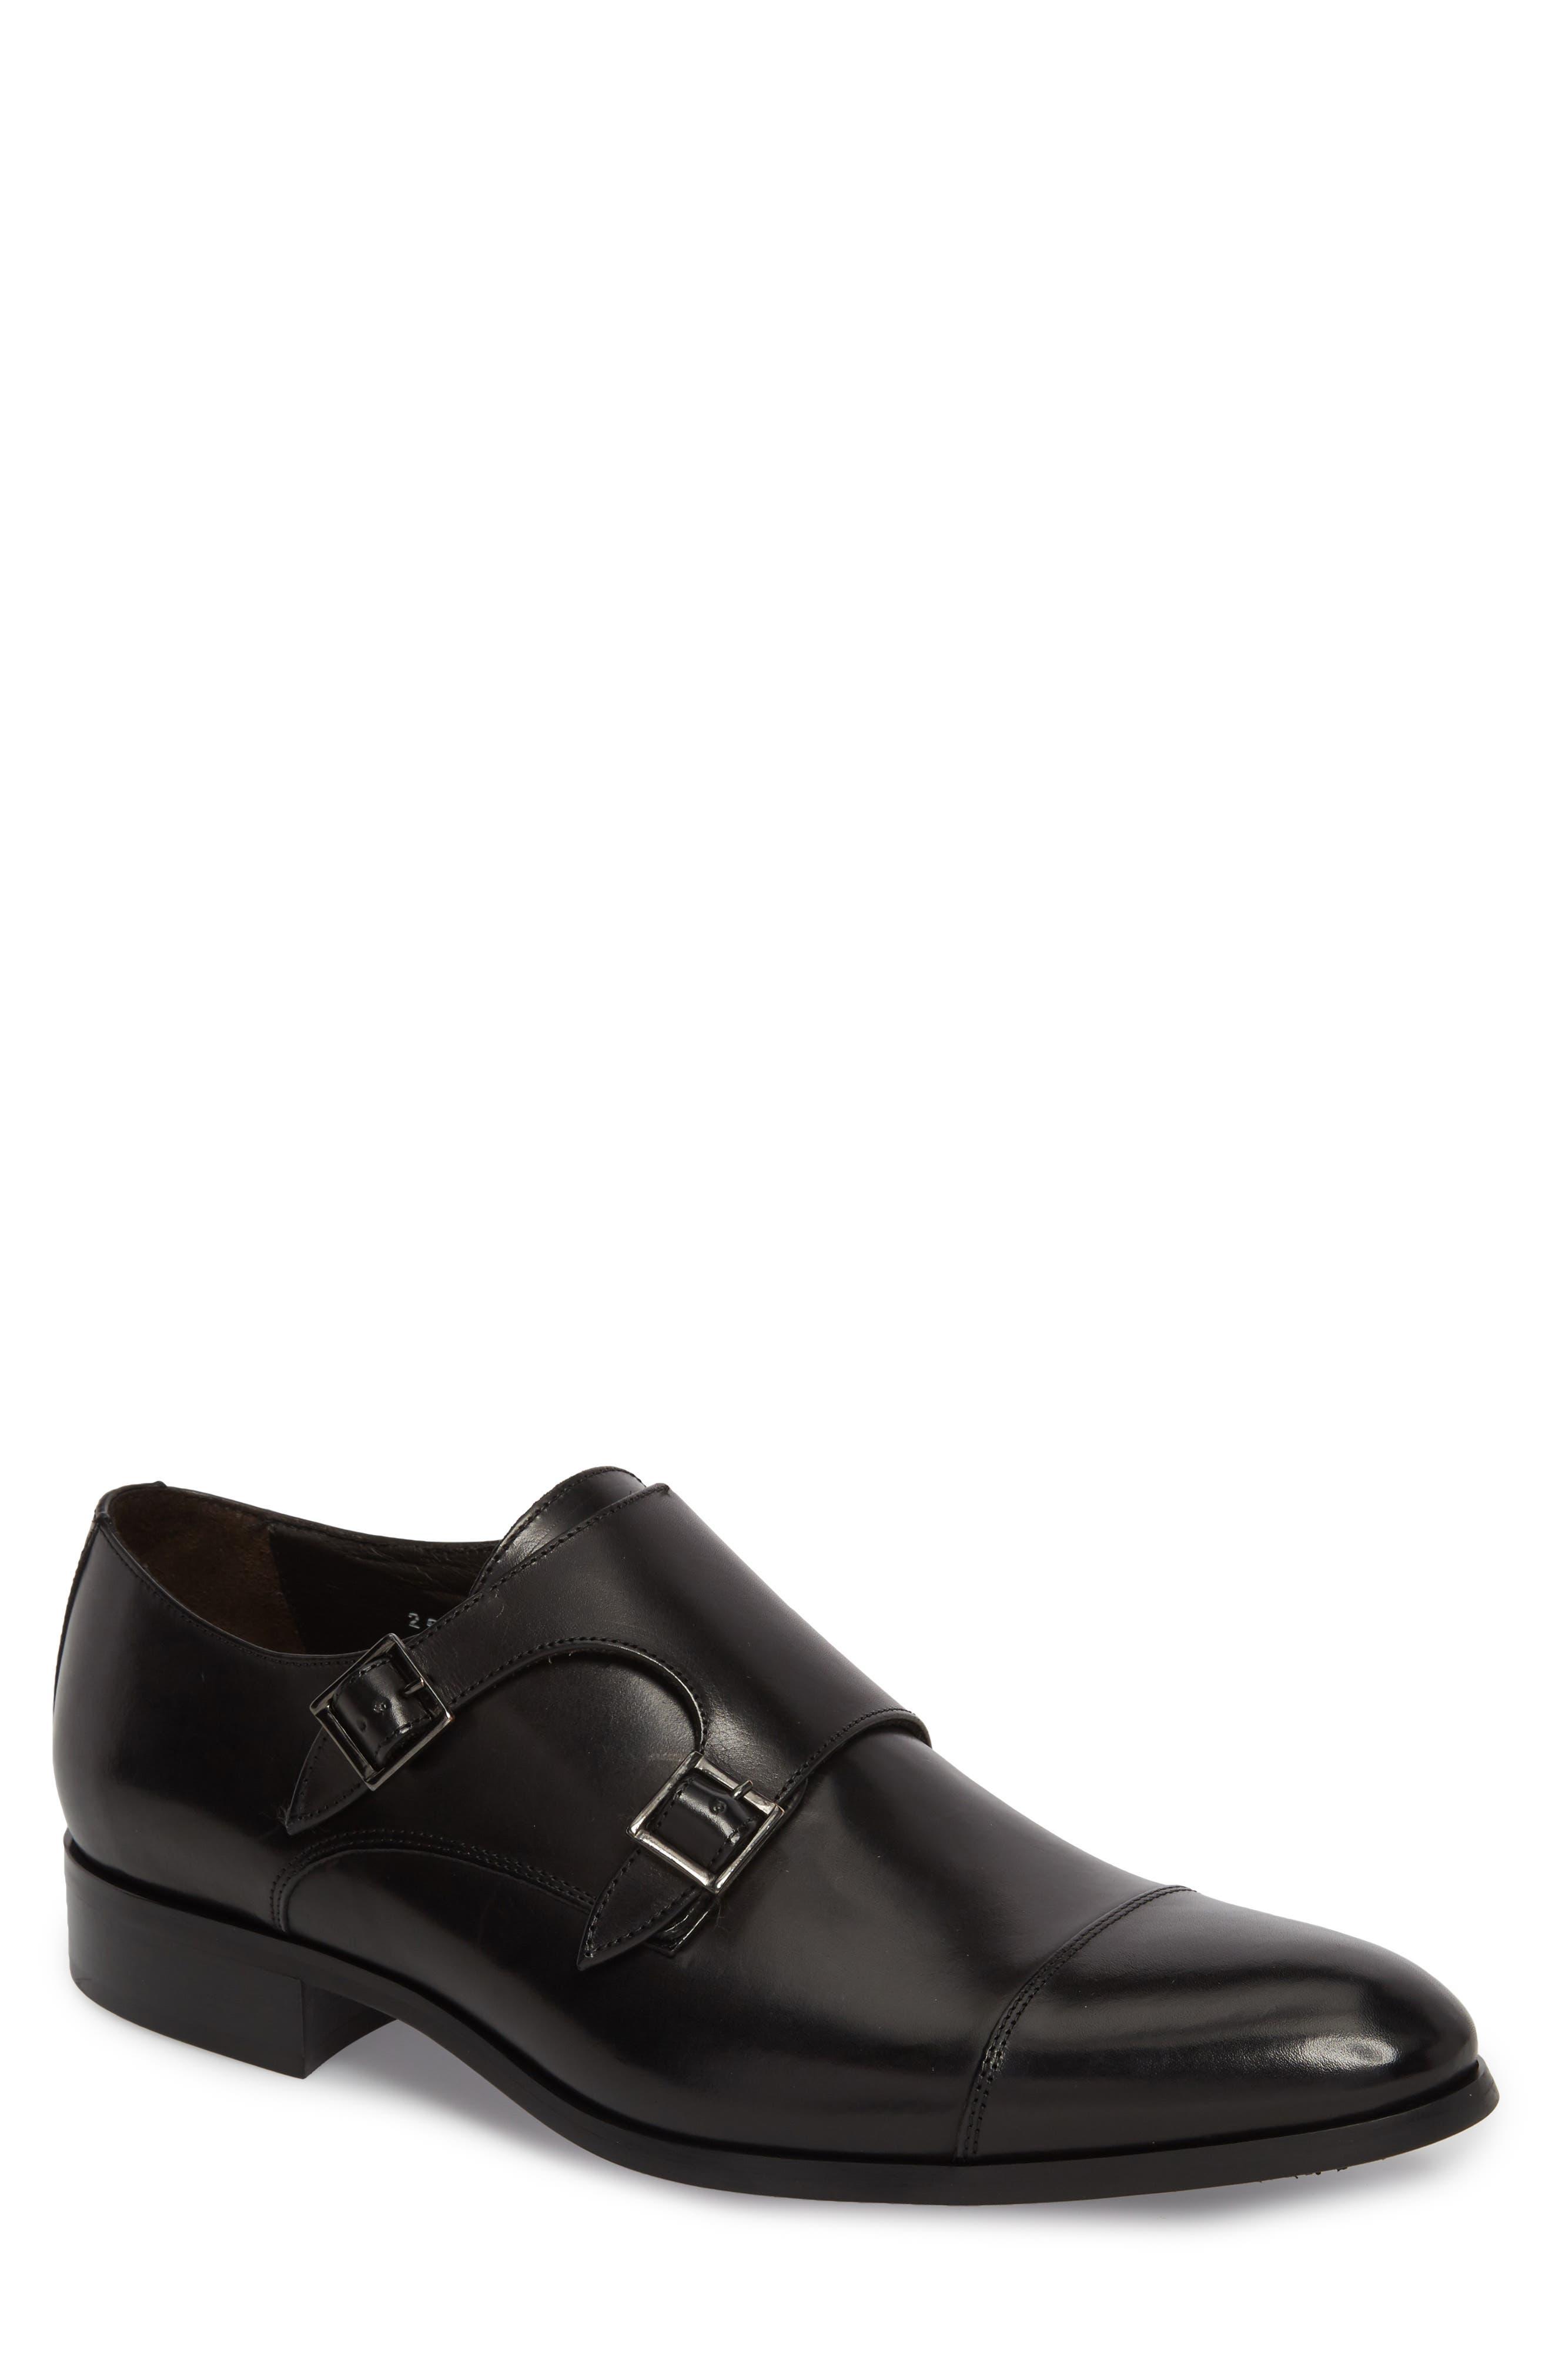 Bankston Cap Toe Double Strap Monk Shoe,                         Main,                         color, BLACK LEATHER